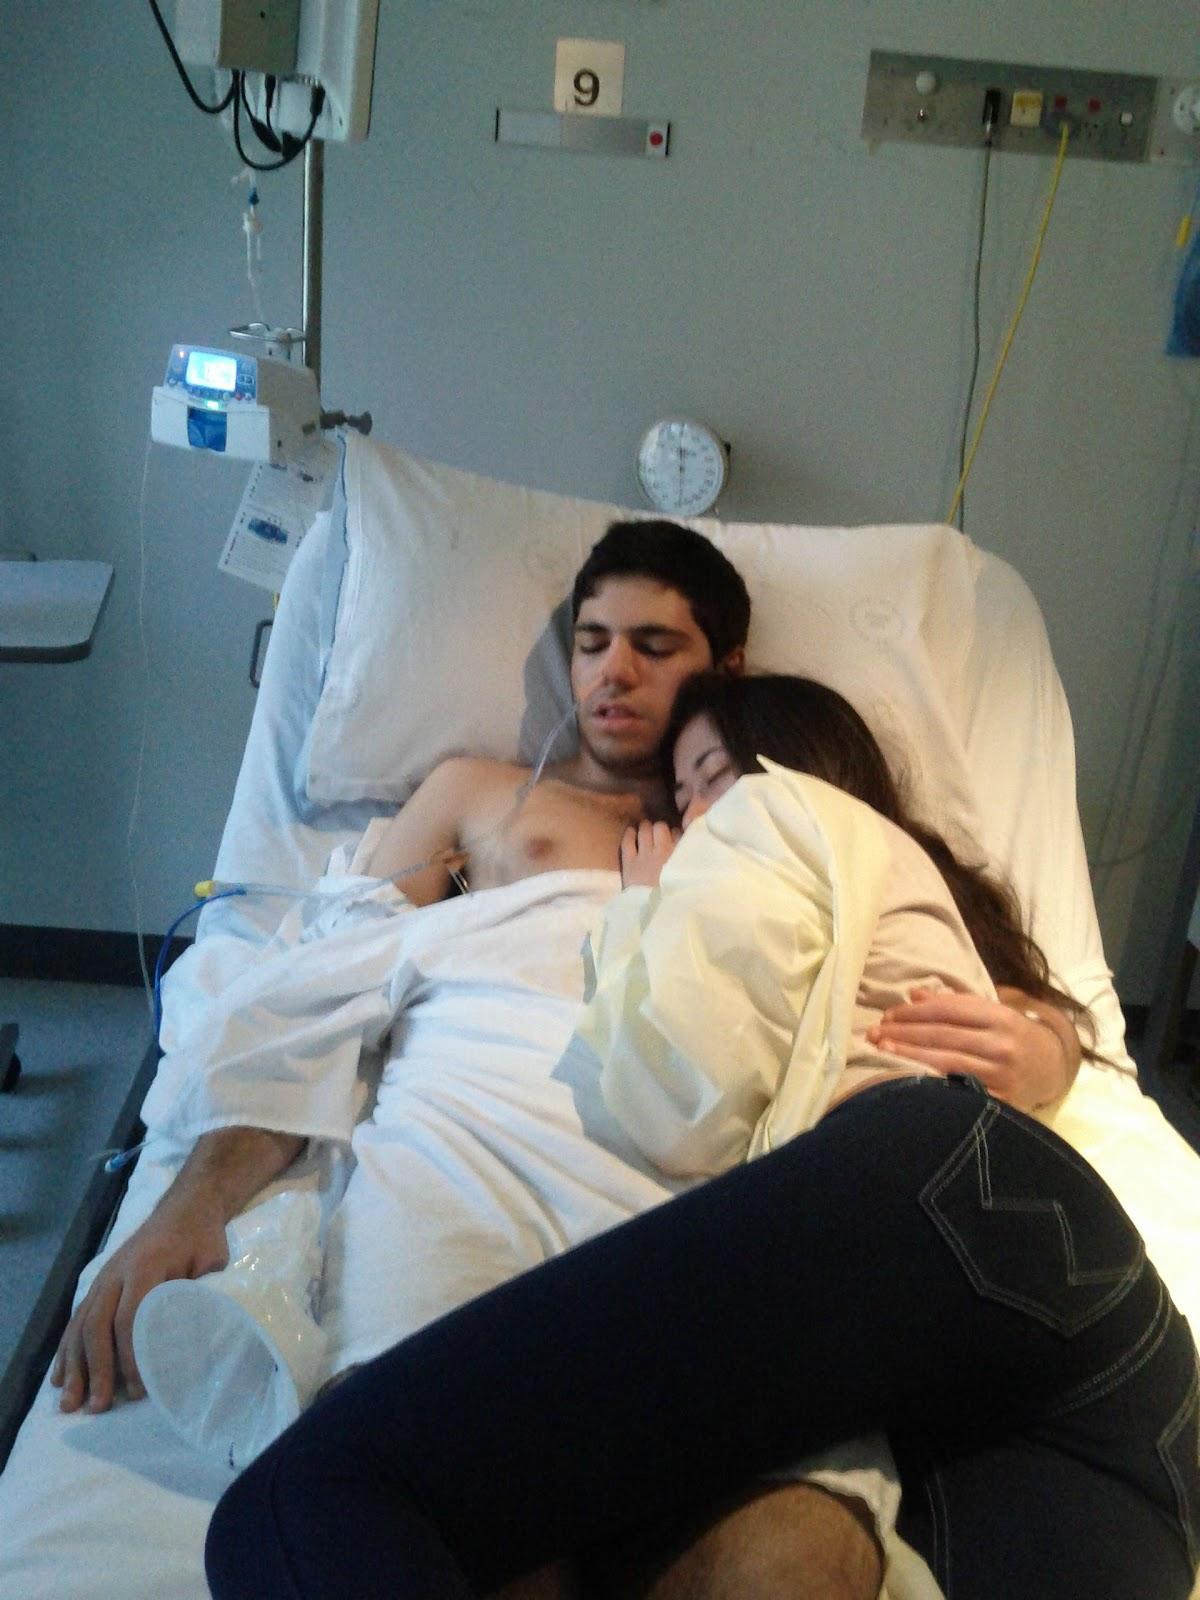 для игры снилось что я в больнице кроме первого кроме